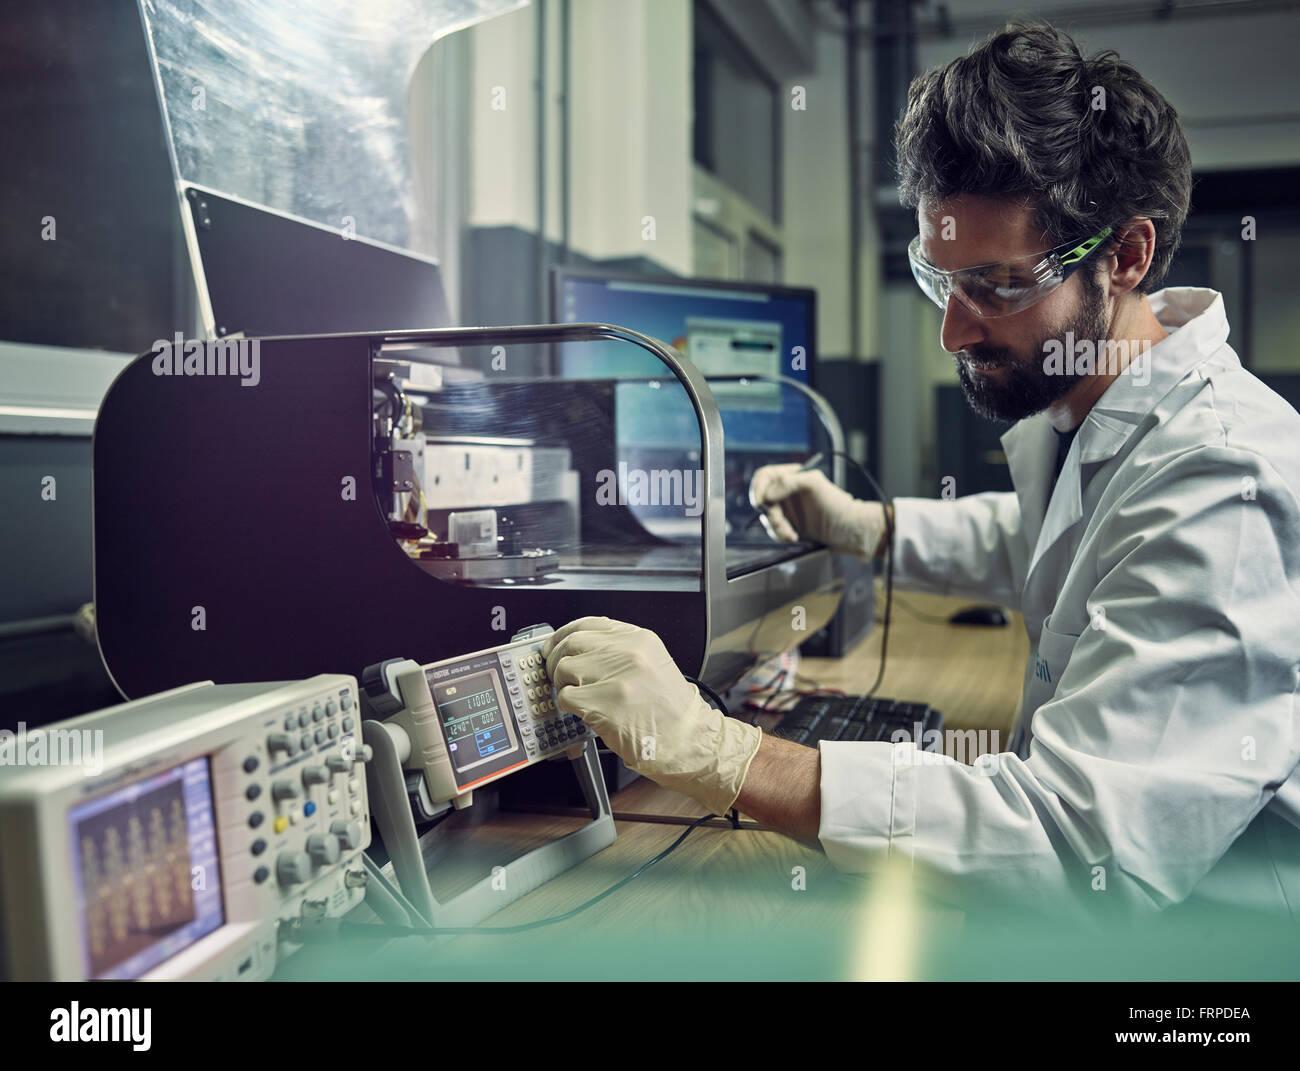 Arbeiter, Instrument Techniker messen Widerstand, elektrische Signale, Österreich Stockbild